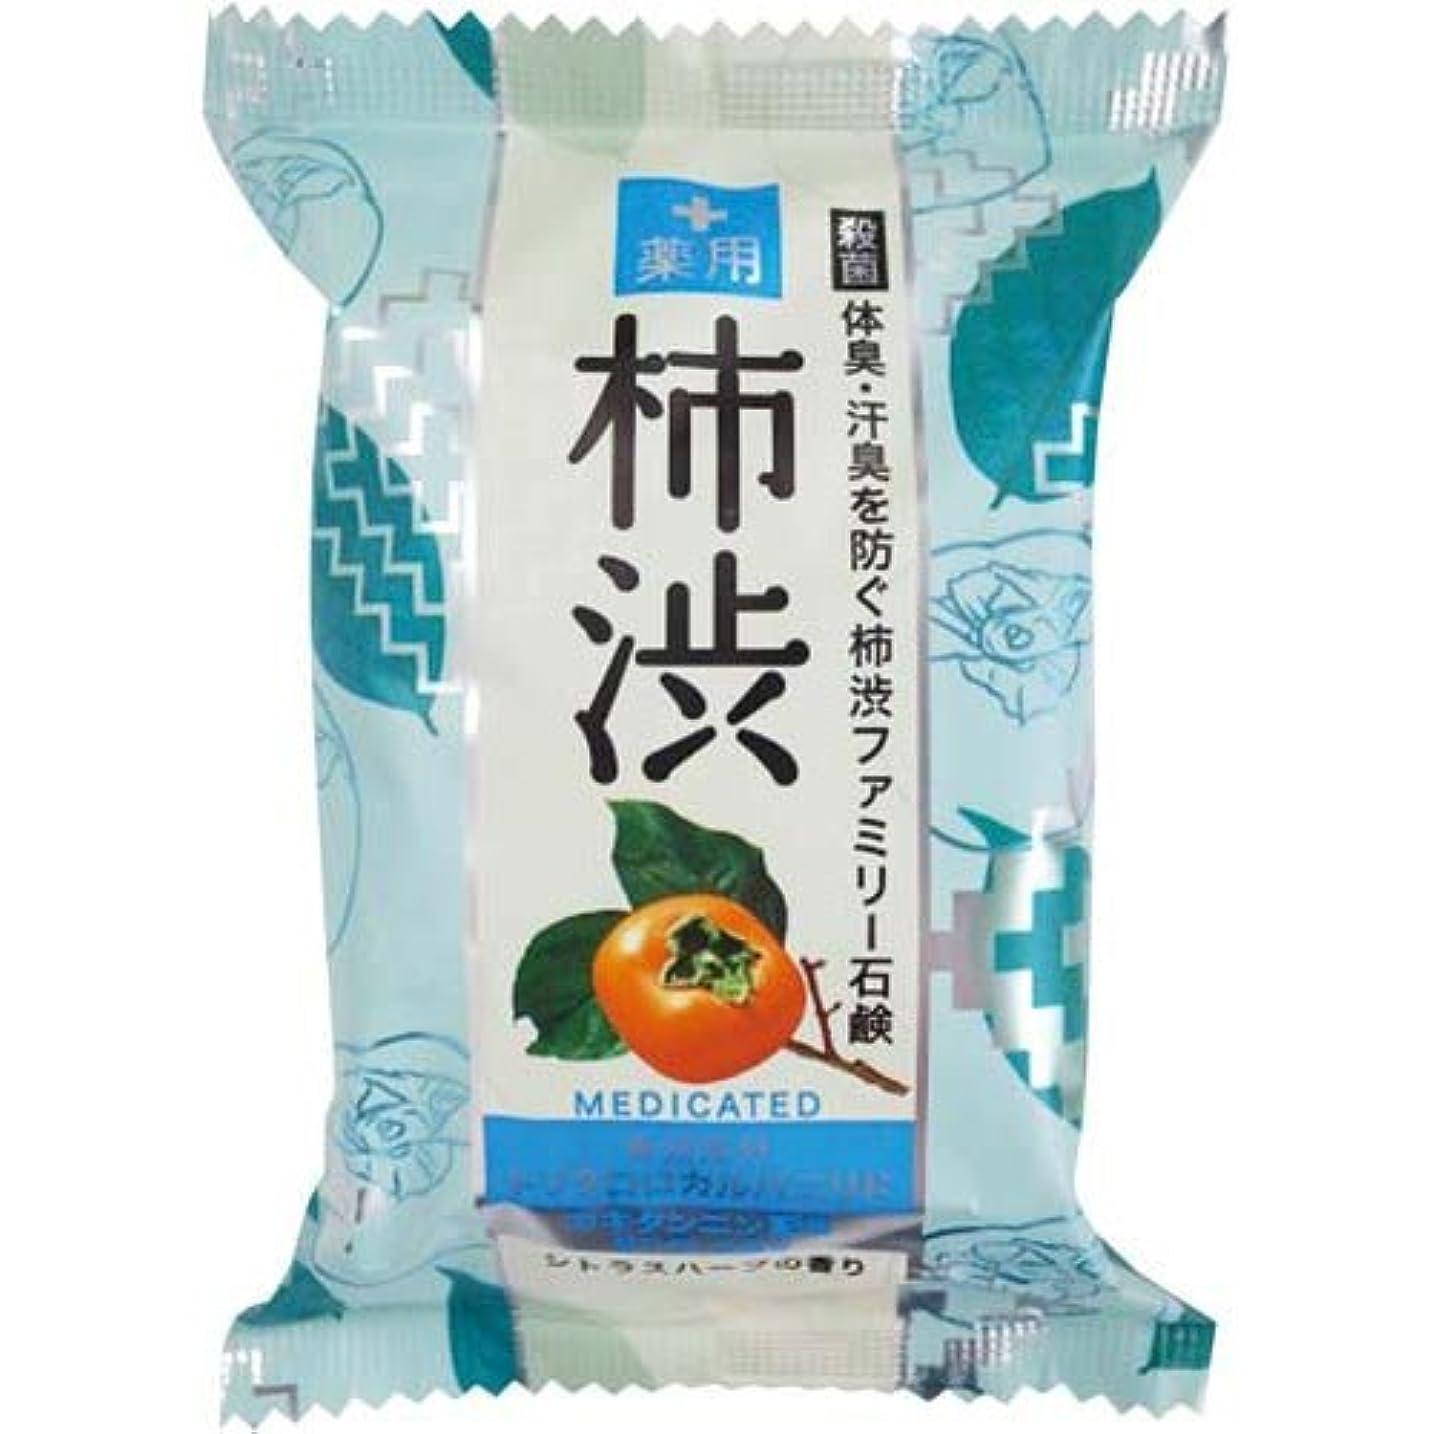 ペリカン石鹸 薬用ファミリー柿渋石鹸×6個×4箱